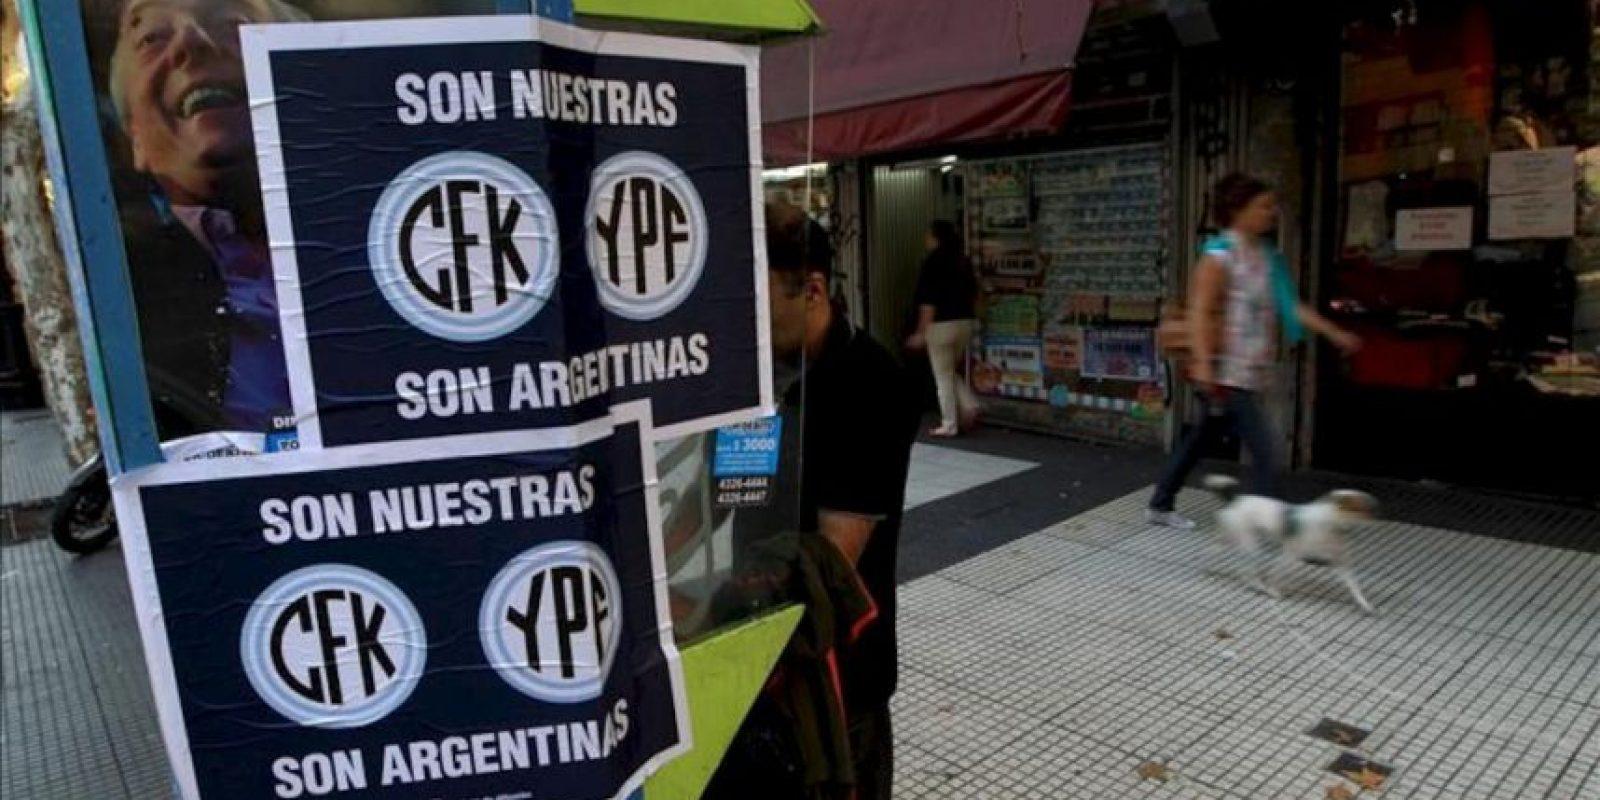 El senador oficialista Aníbal Fernández dijo que, al igual que la petrolera, YPF Gas será declarada de utilidad pública y sujeta a expropiación en el proyecto de ley que tramita el Congreso argentino. EFE/Archivo